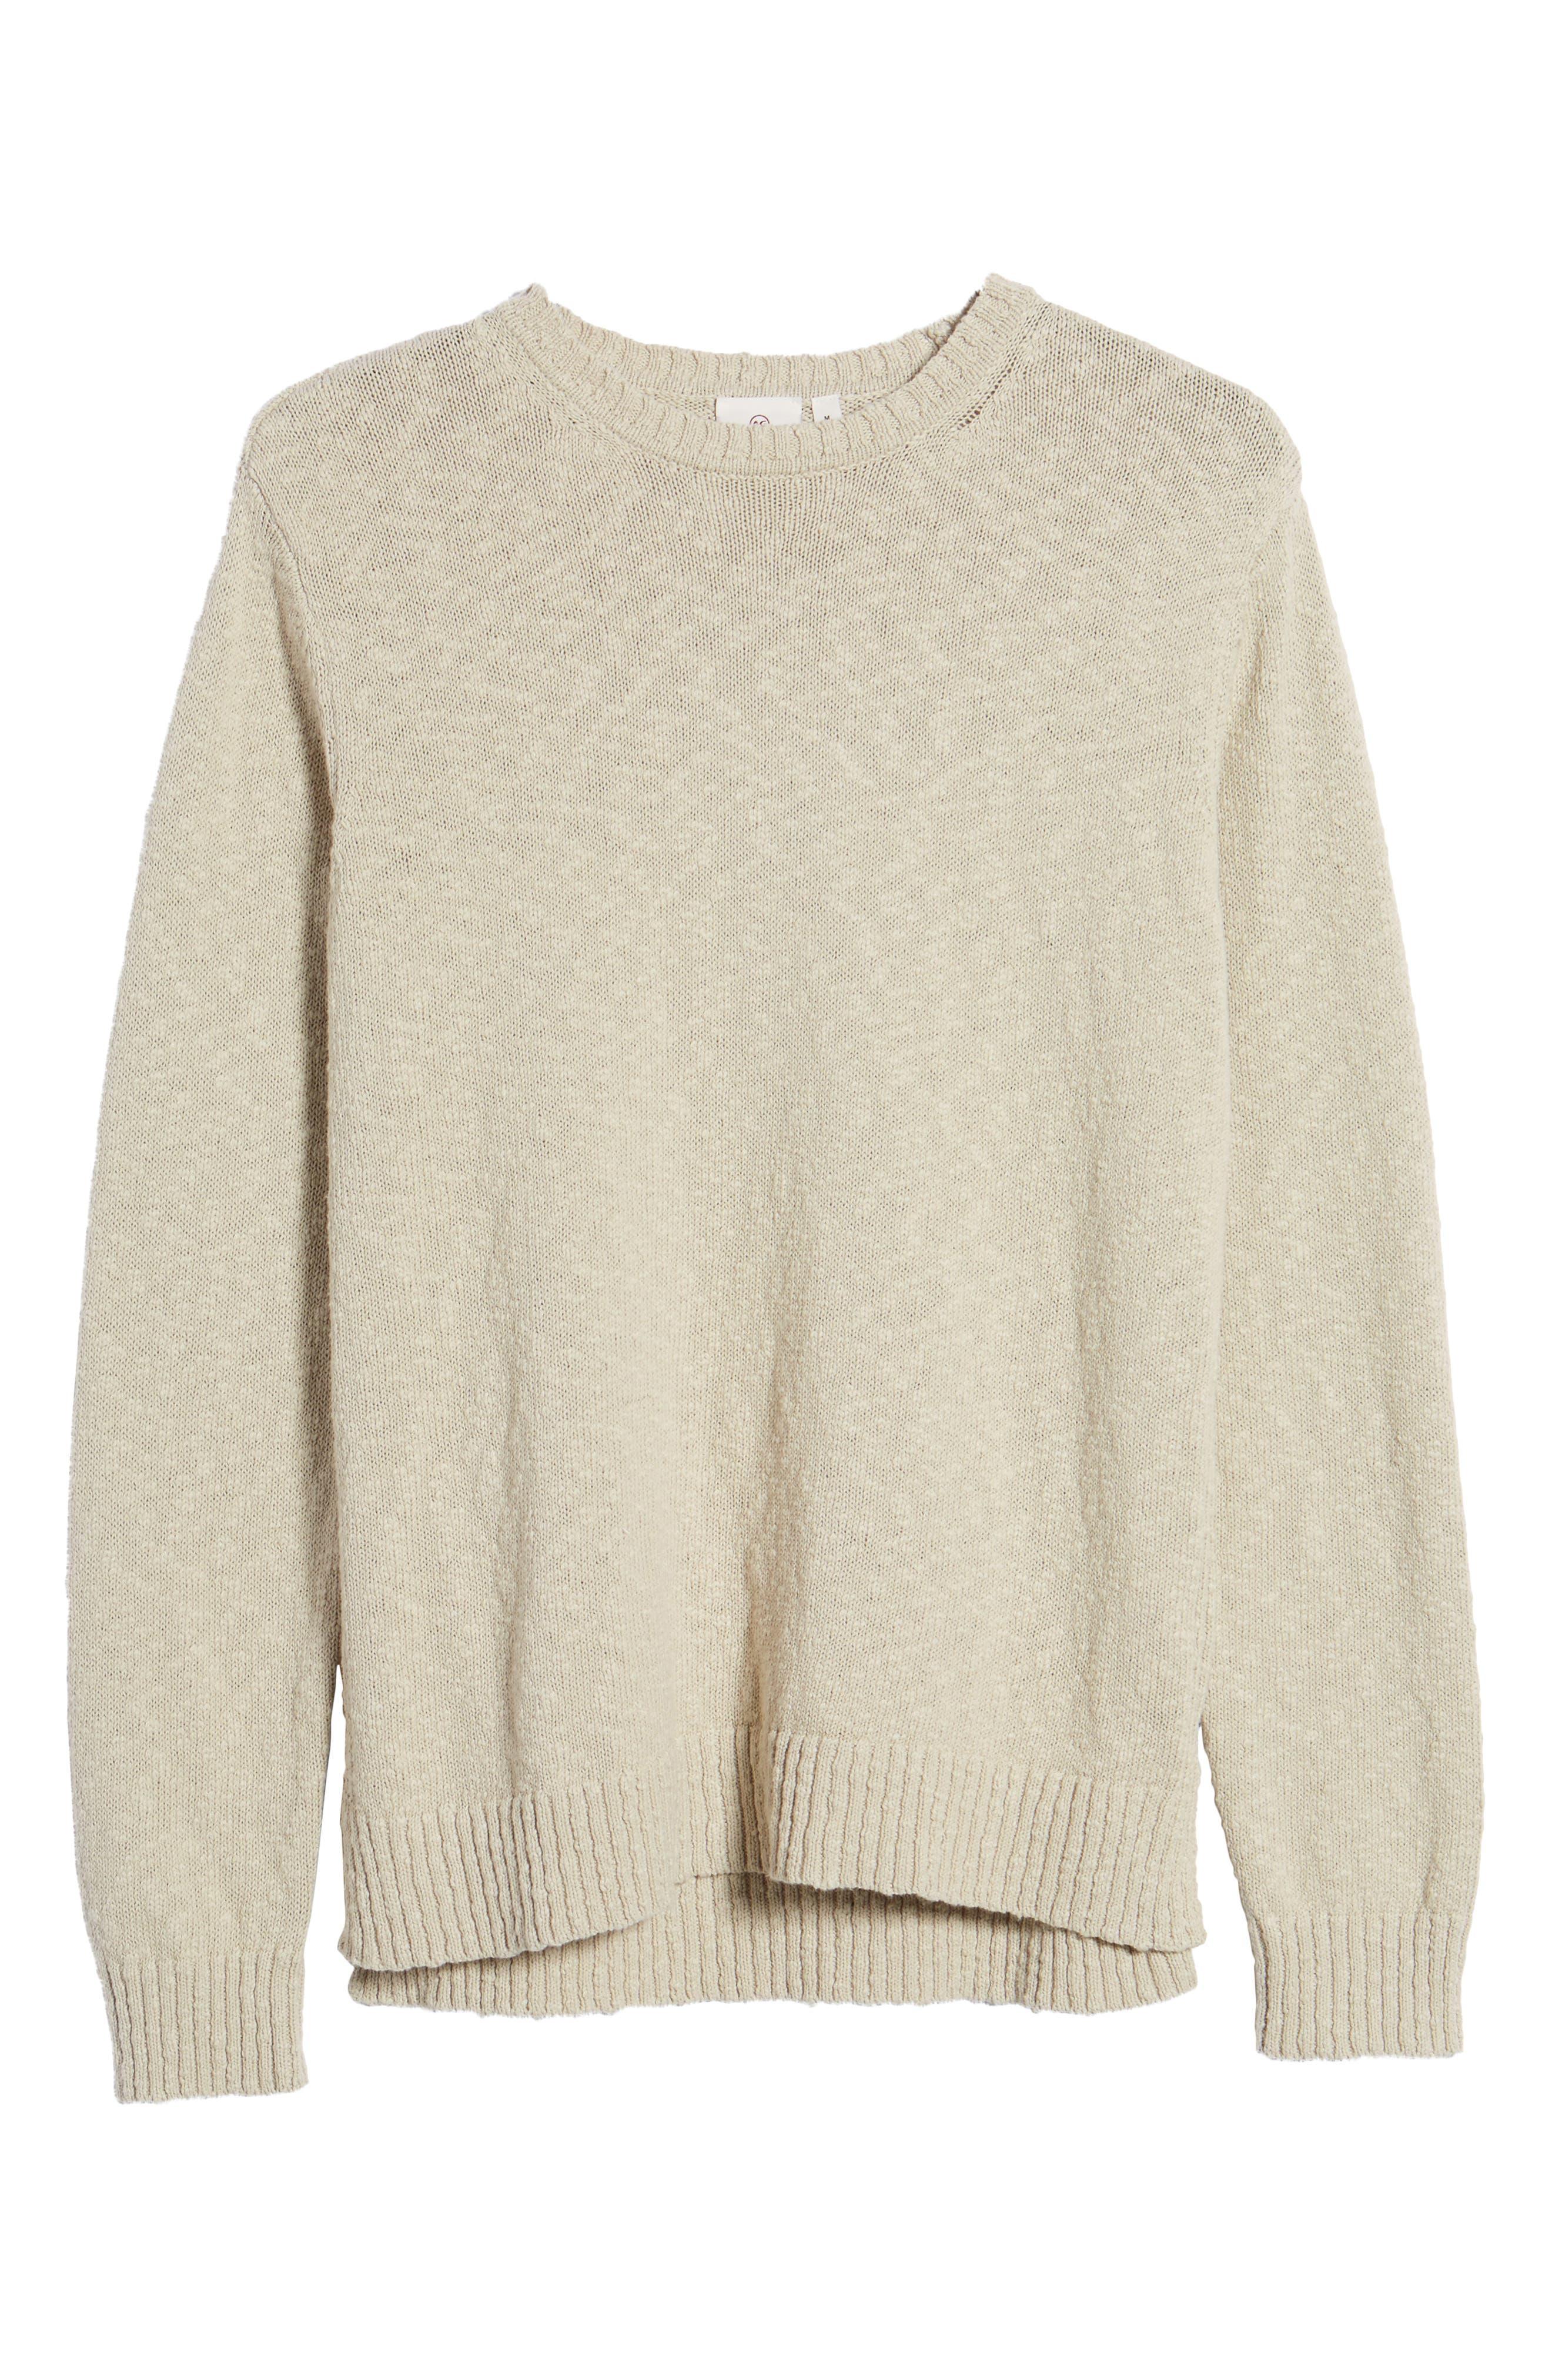 Deklyn Slim Fit Crew Sweater,                             Alternate thumbnail 6, color,                             250